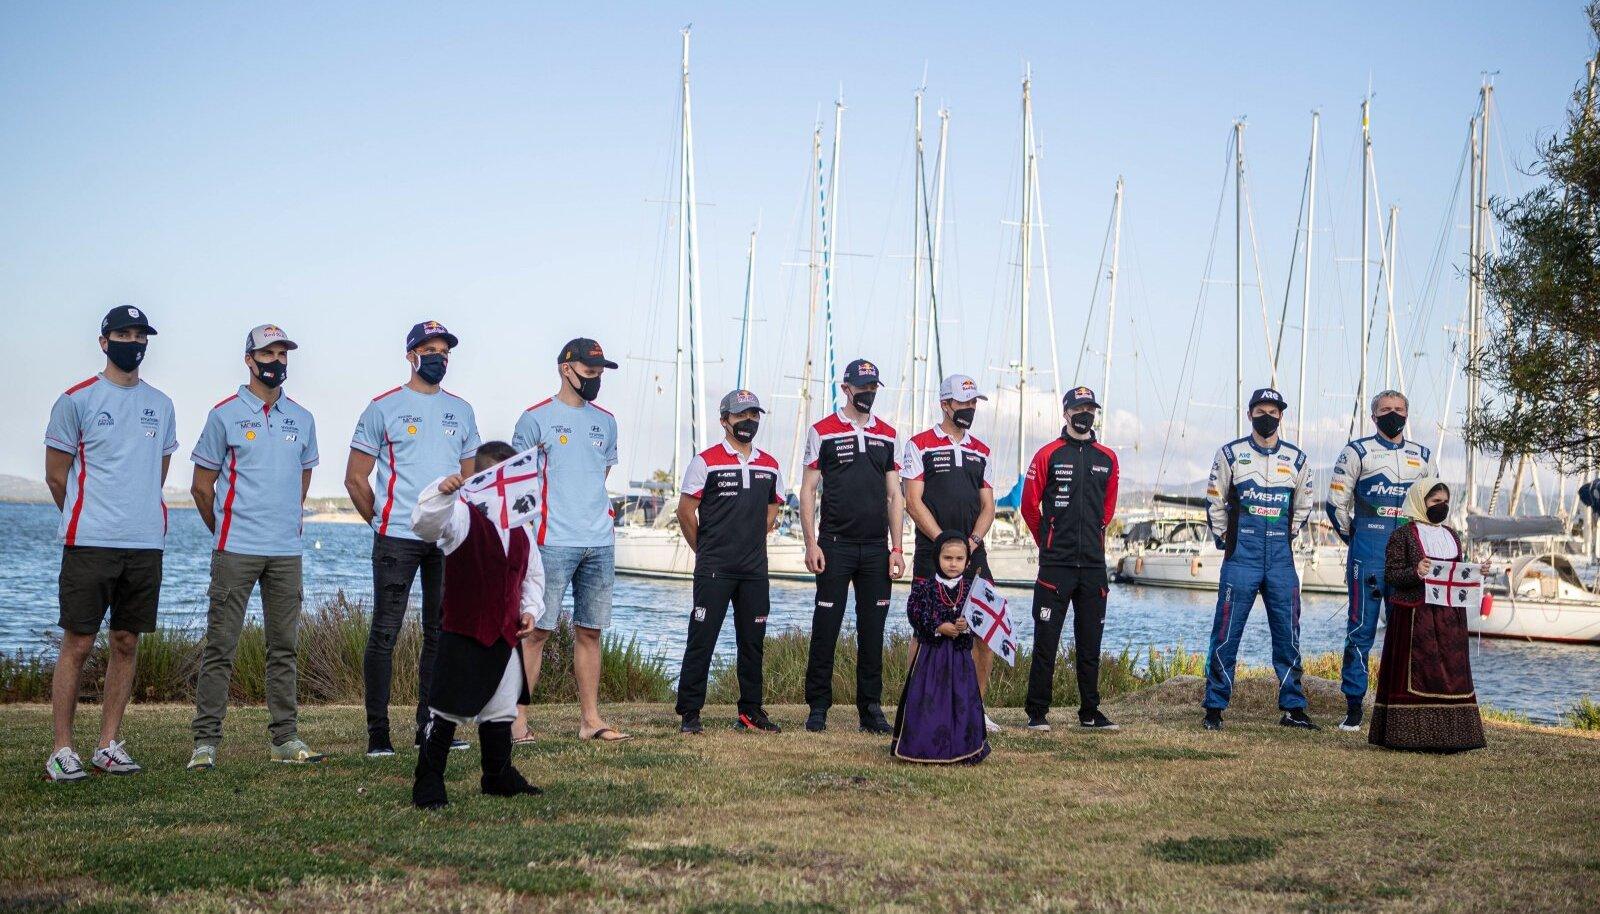 Päev enne ralli algust pidi Ott Tänak koos teiste WRC sõitjatega osalema rallit ja kohalikku kultuuri ühendavatel üritustel.